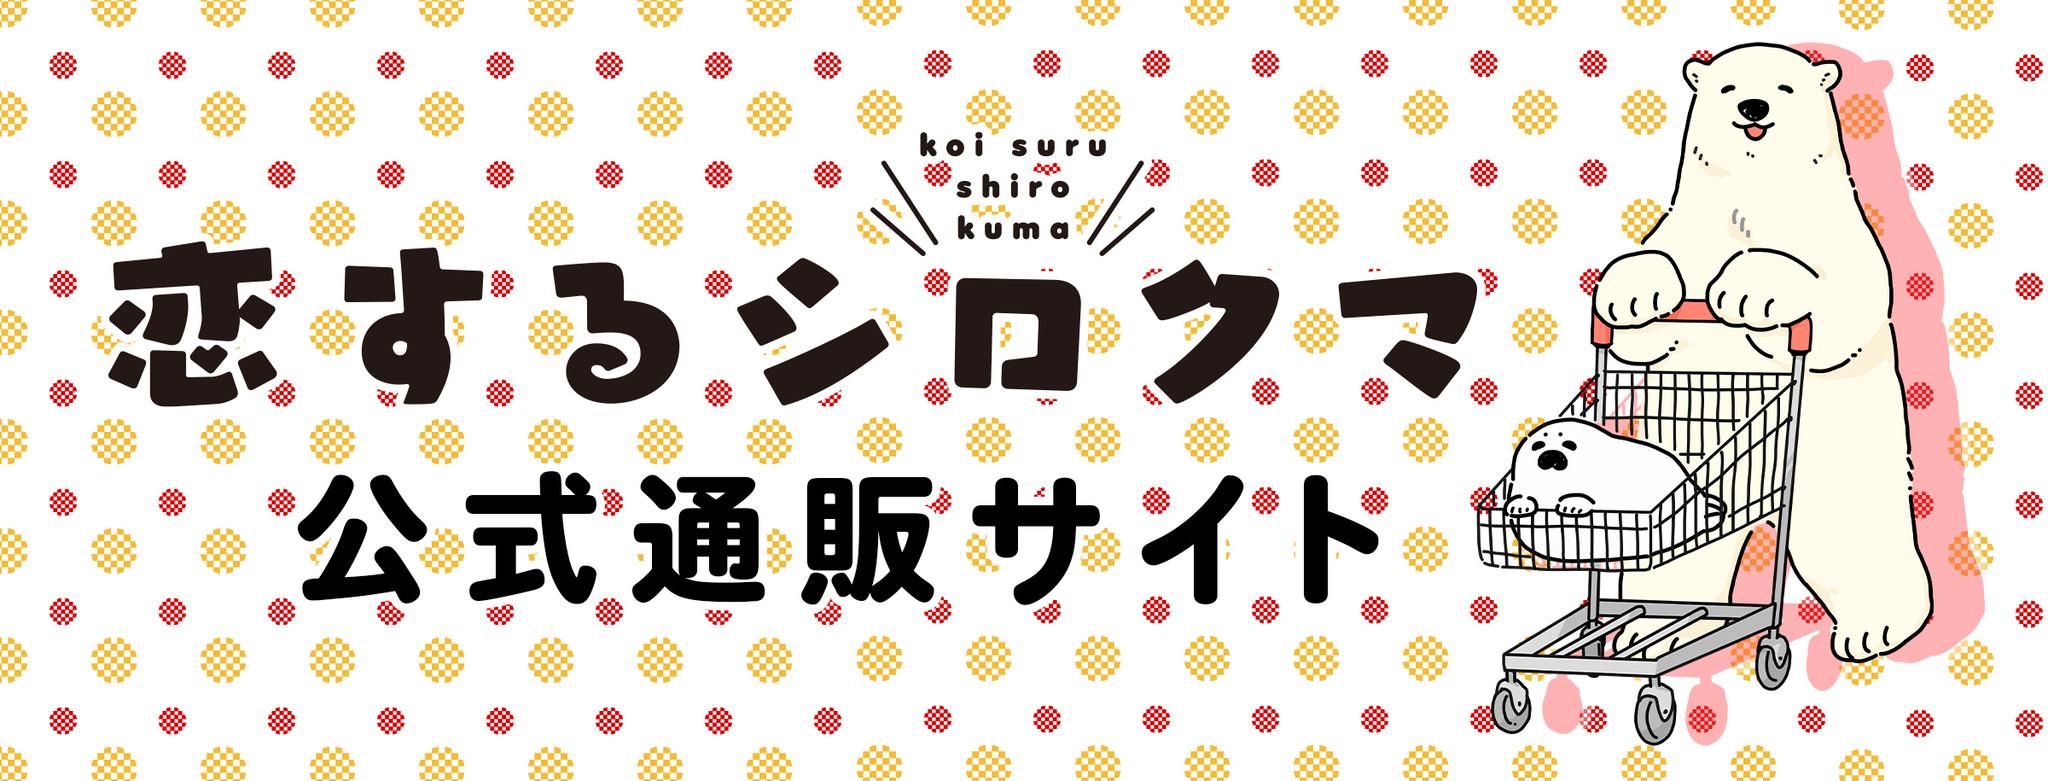 「恋するシロクマ」オフィシャルショップ